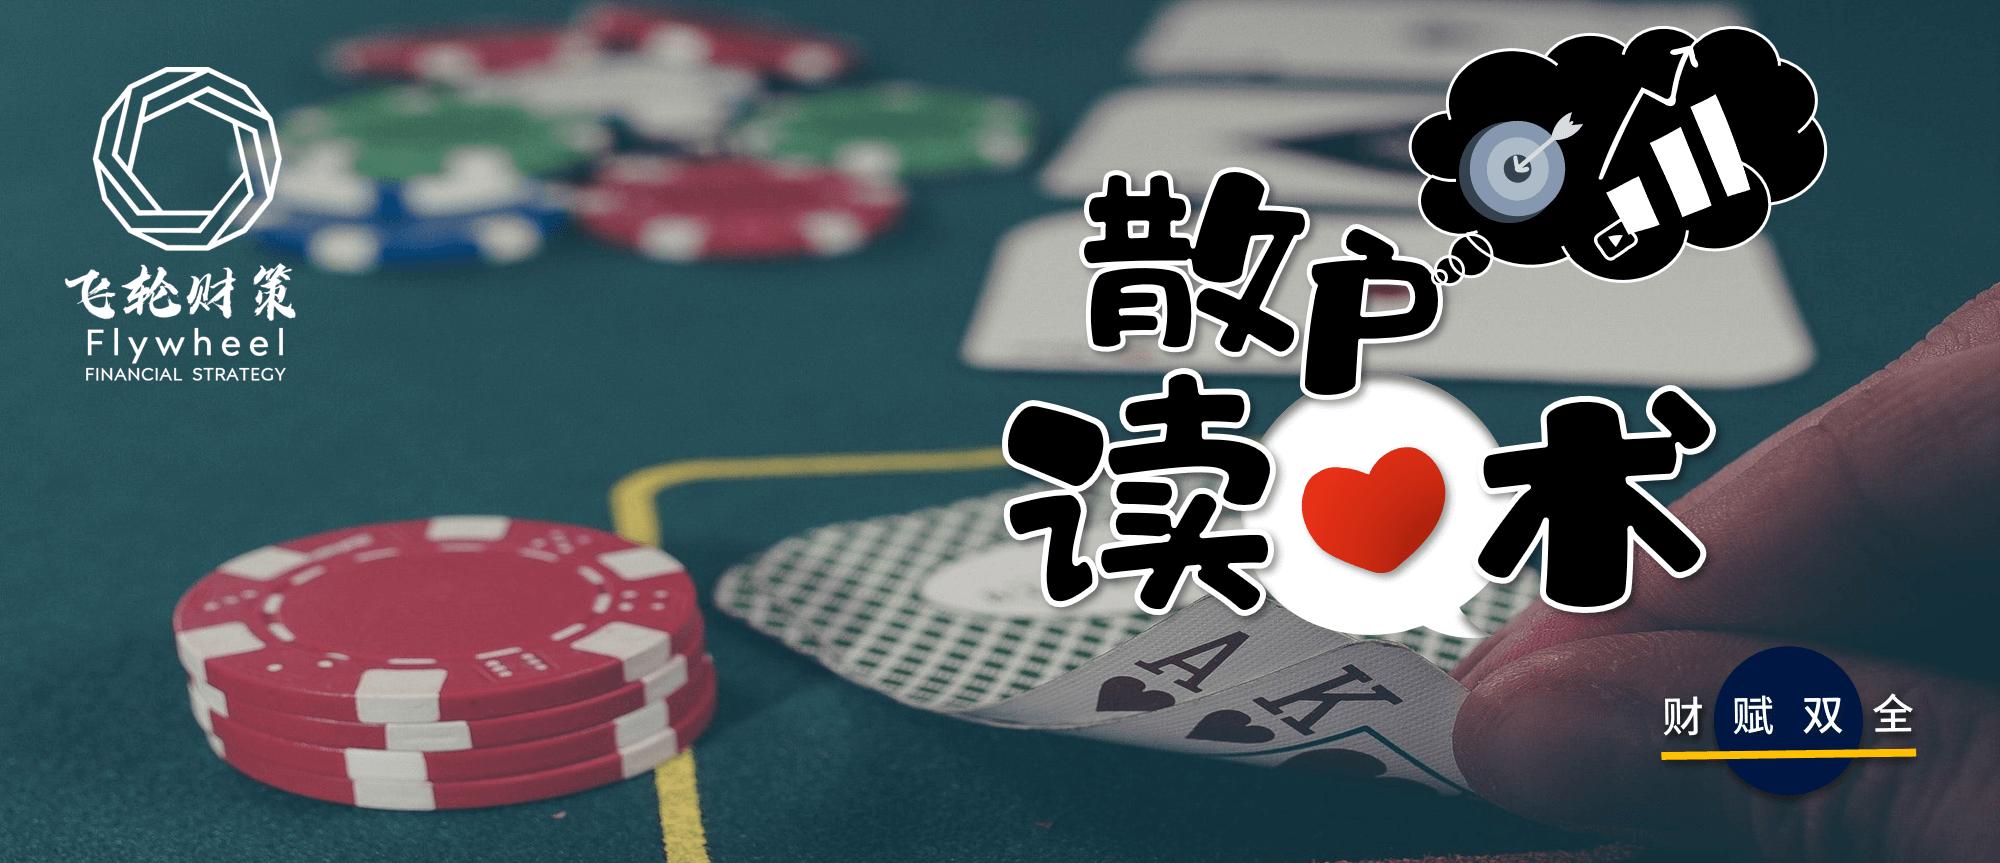 散户读心术by飞轮财策